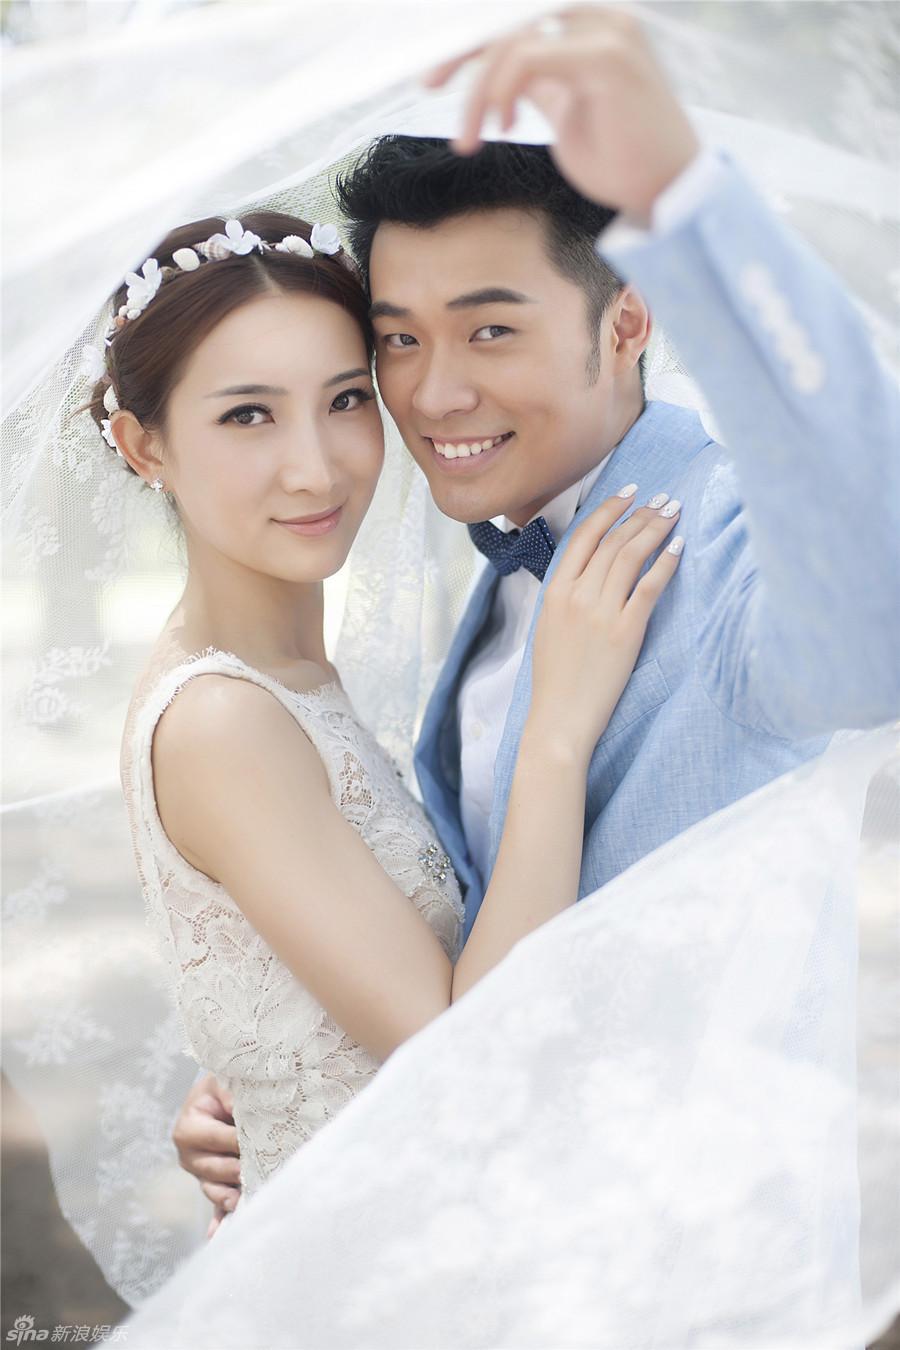 陈赫浪漫婚纱照曝光 在泰国普吉岛举办婚礼[高清]